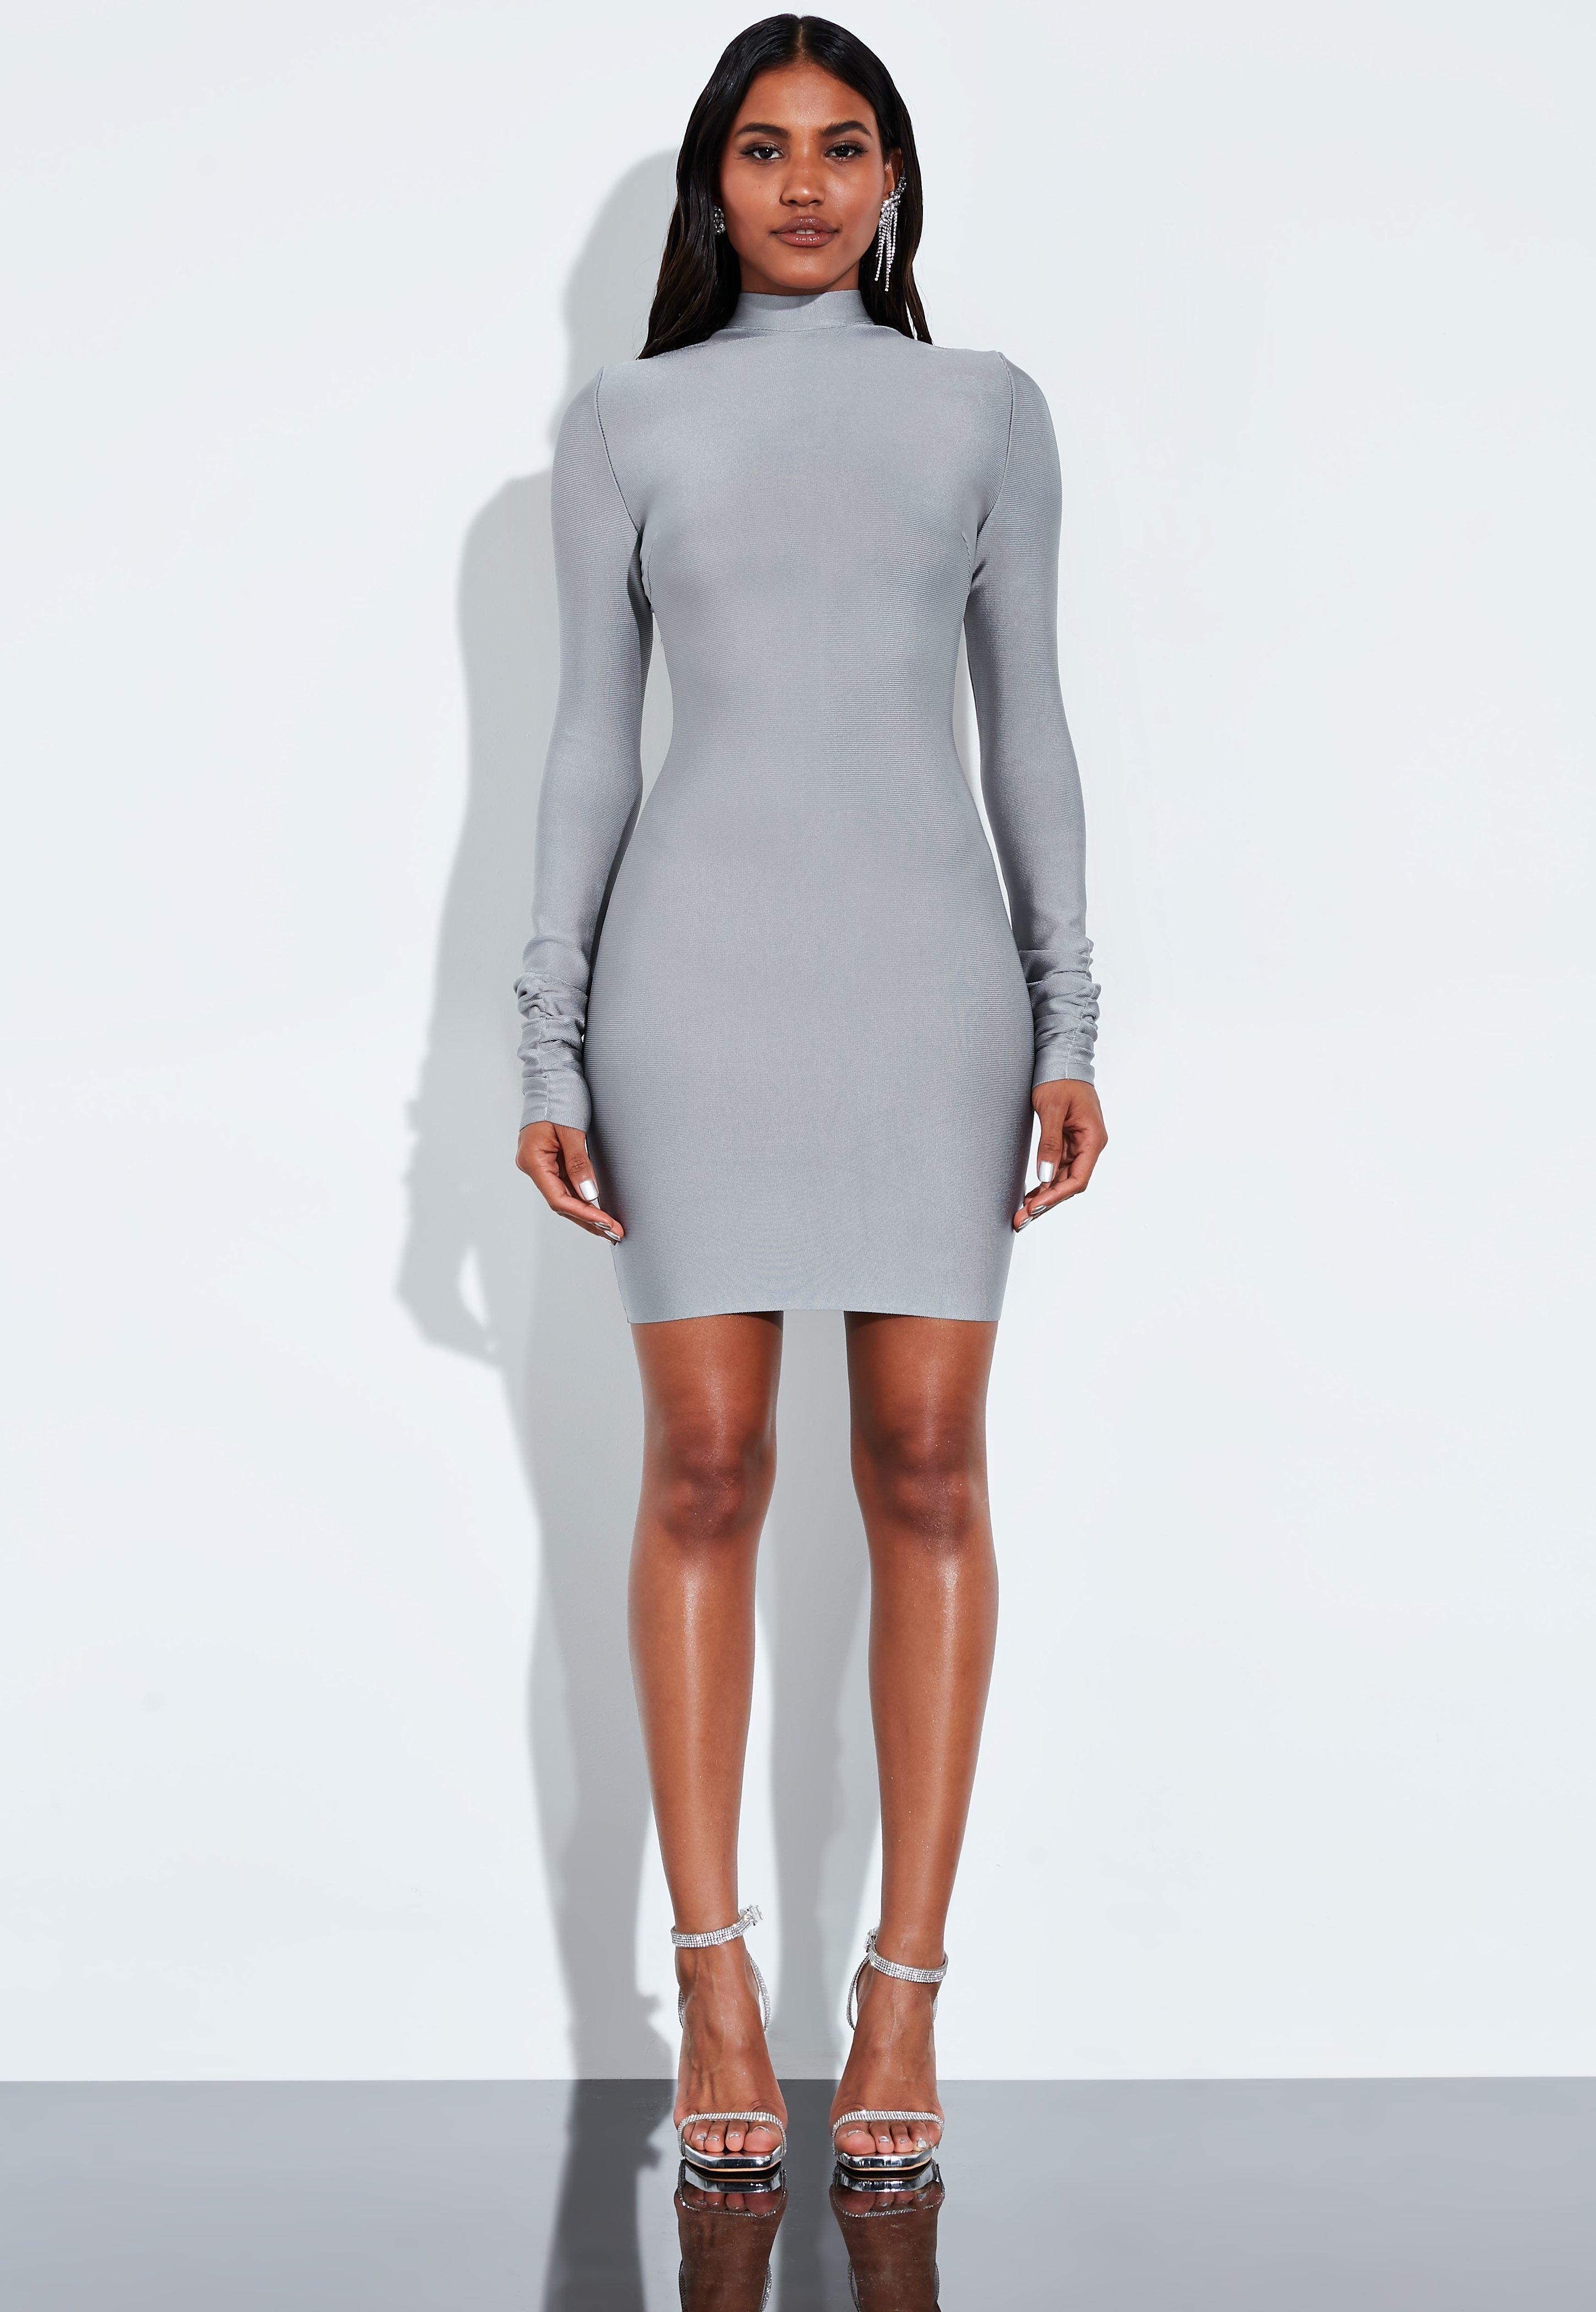 Off the Shoulder Dresses - Bardot Dresses Online | Missguided